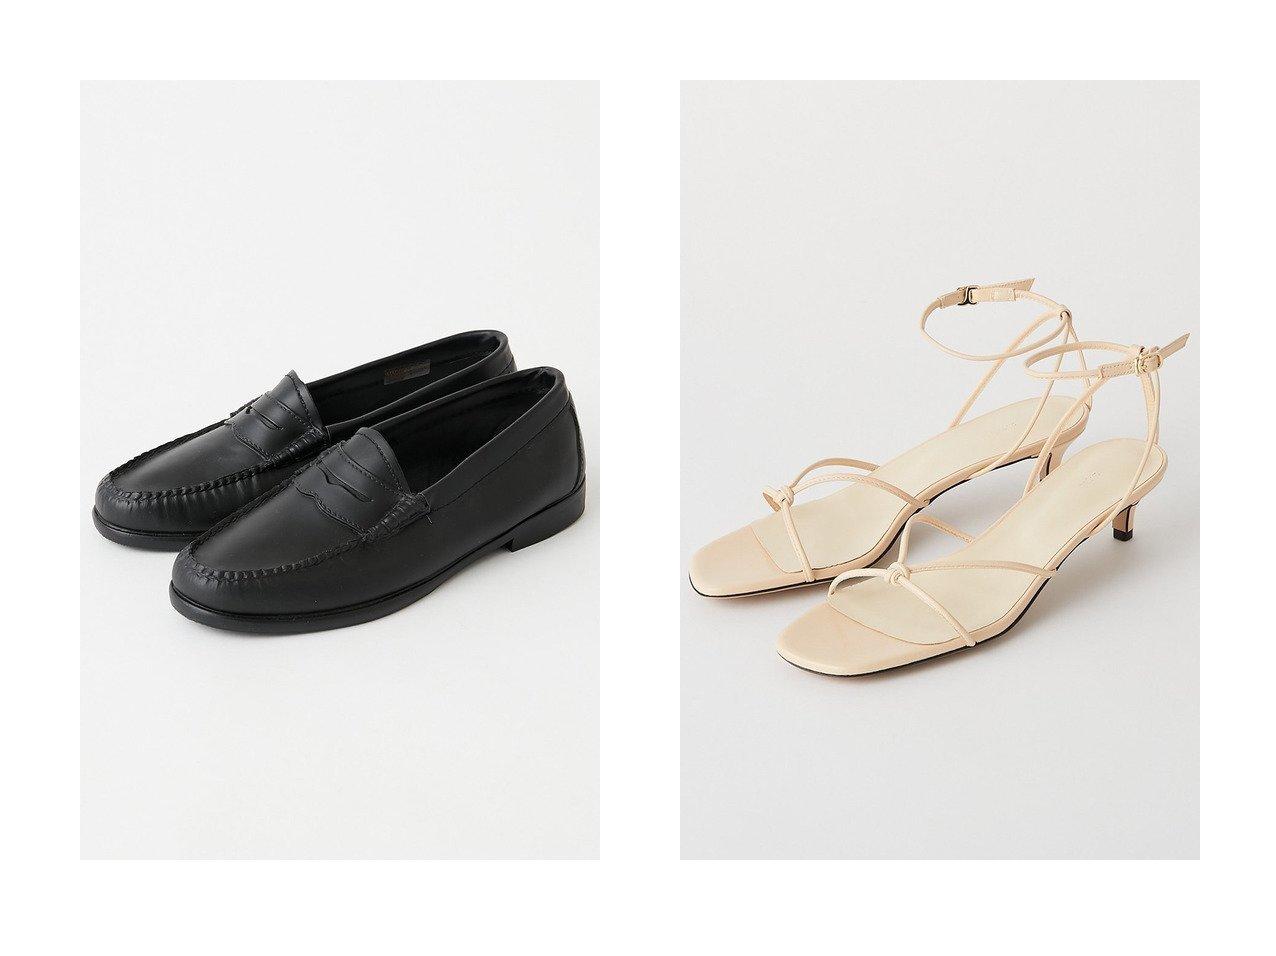 【GALLARDAGALANTE/ガリャルダガランテ】の【2.718】ストリングストラップサンダル&【Traditional Weatherwear】レインシューズ/LOAFER シューズ・靴のおすすめ!人気、トレンド・レディースファッションの通販 おすすめで人気の流行・トレンド、ファッションの通販商品 メンズファッション・キッズファッション・インテリア・家具・レディースファッション・服の通販 founy(ファニー) https://founy.com/ ファッション Fashion レディースファッション WOMEN 2021年 2021 2021 春夏 S/S SS Spring/Summer 2021 S/S 春夏 SS Spring/Summer シンプル 春 Spring |ID:crp329100000024757